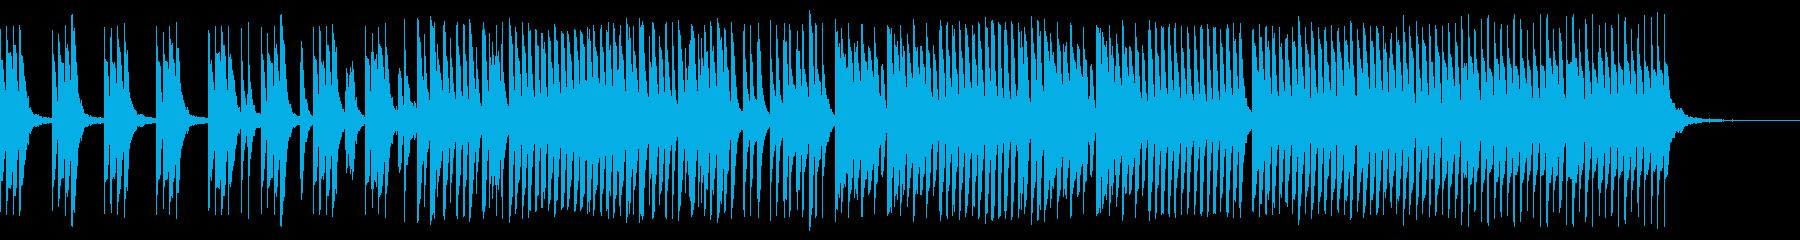 かわいく元気、軽快でコミカルなピアノソロの再生済みの波形